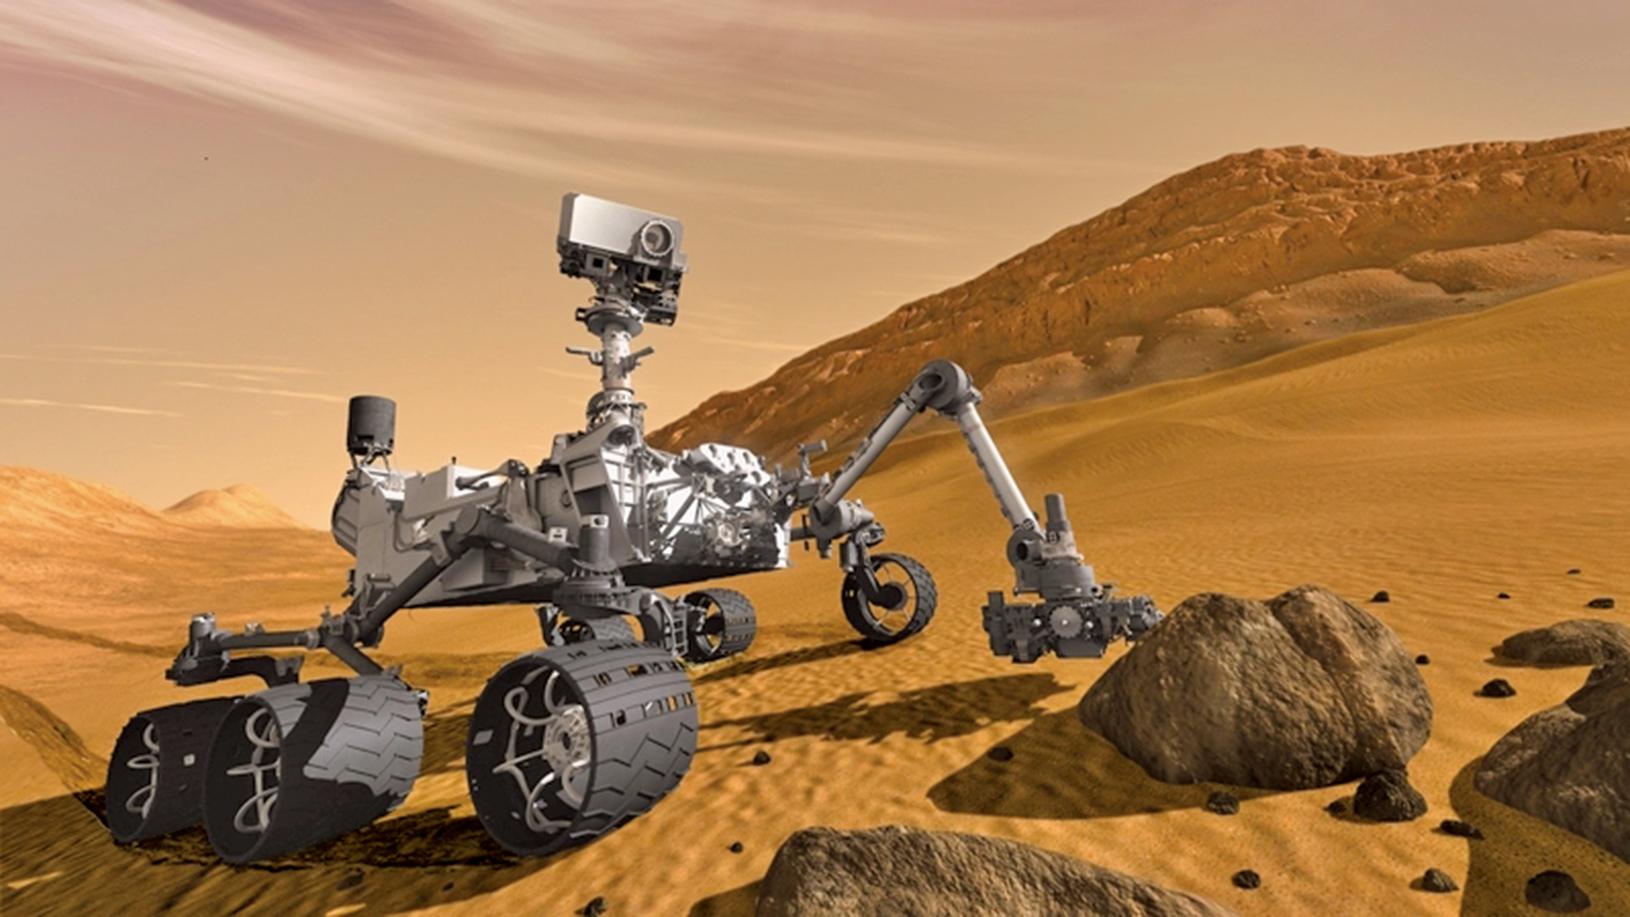 自2012年降落在蓋爾隕石坑以來,美國太空總署(NASA)「好奇號」火星探測器一直在研究其輪子下方的火星表面,以了解有關這顆紅色星球歷史的更多信息。(NASA)